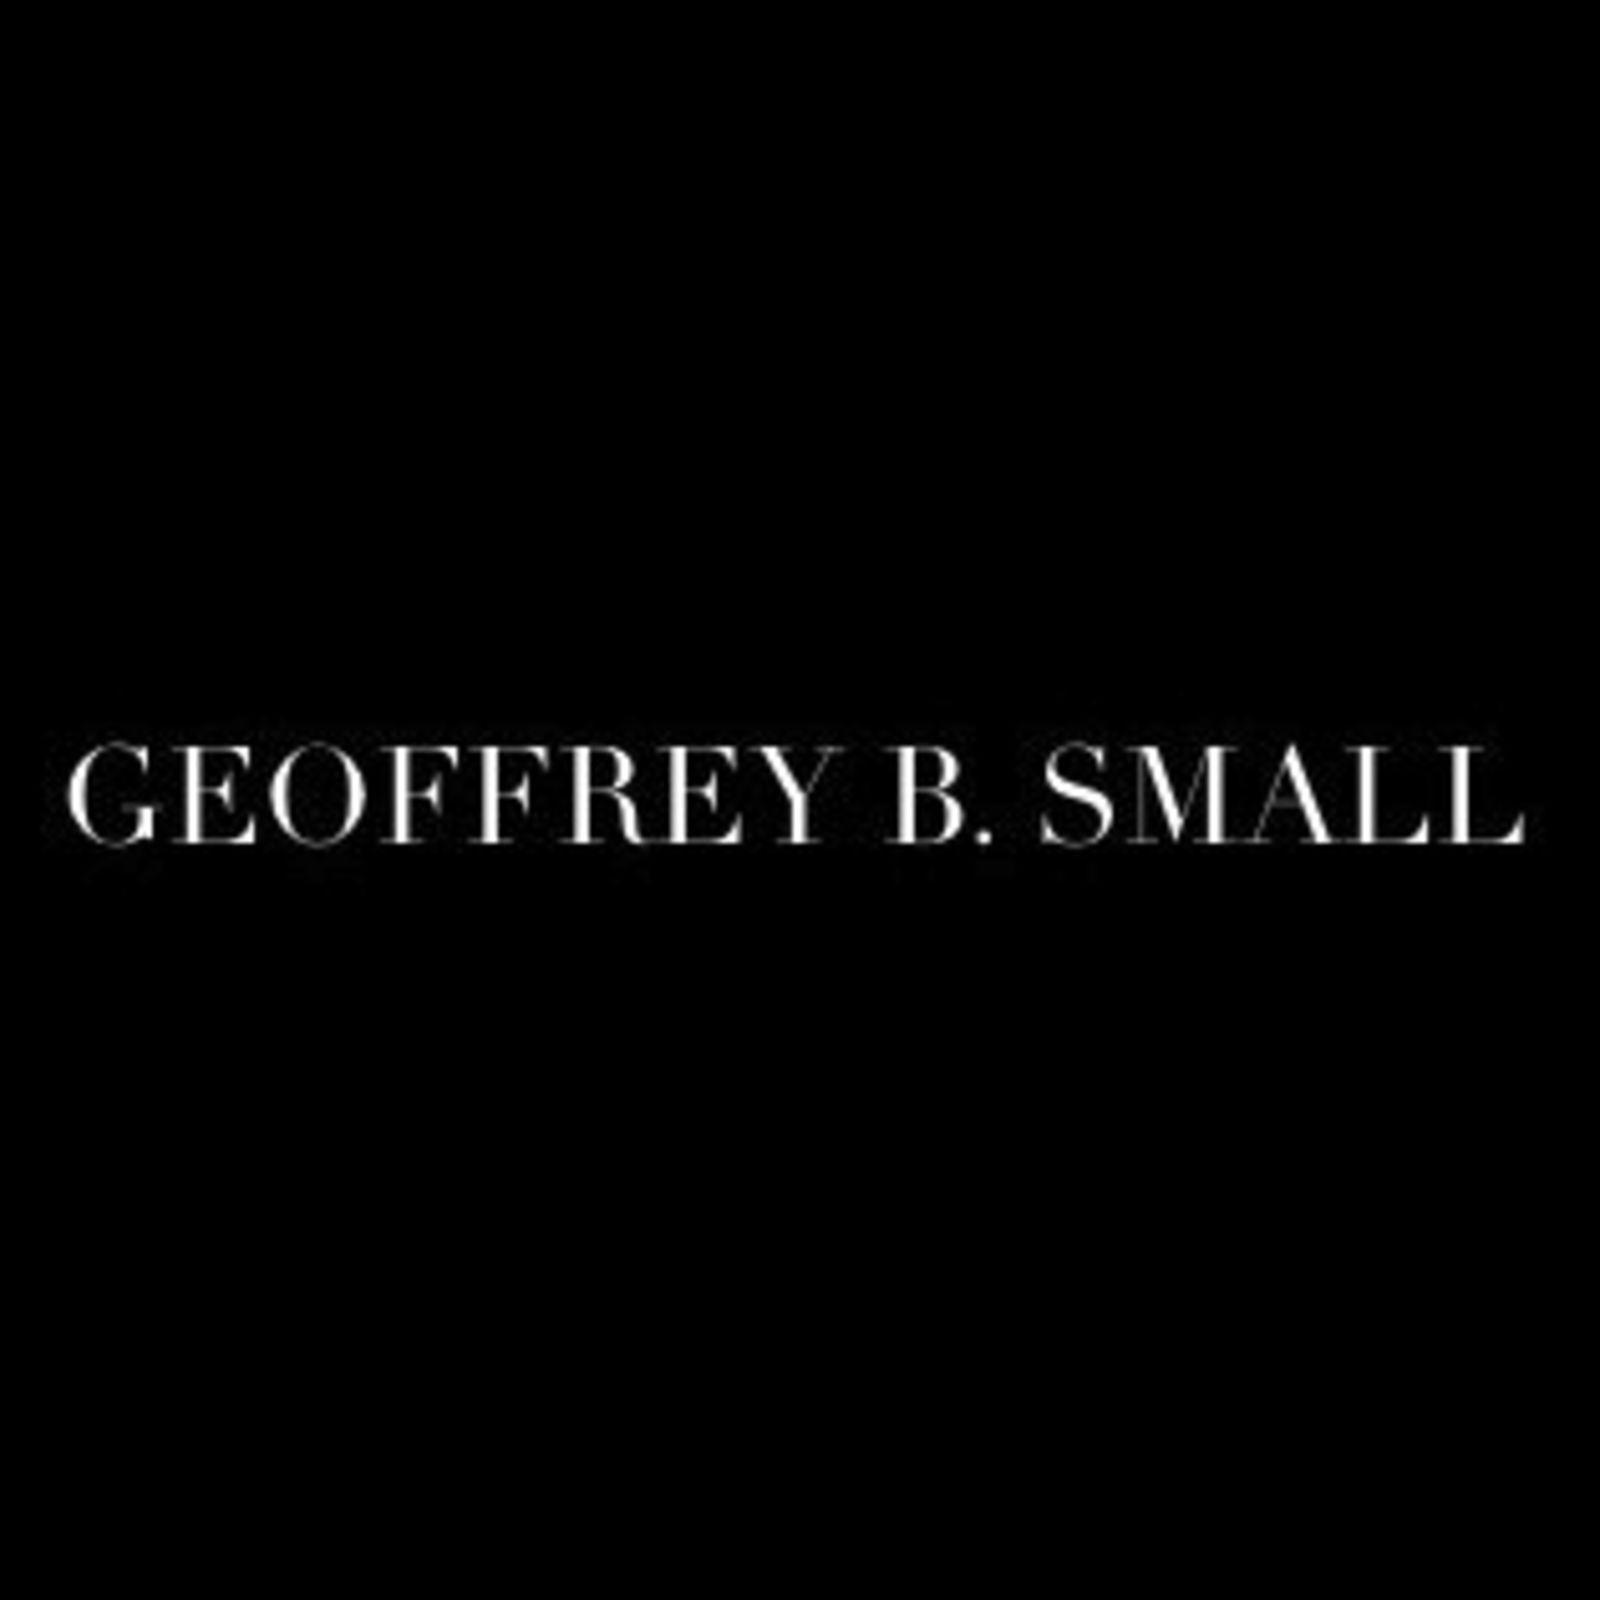 GEOFFREY B. SMALL